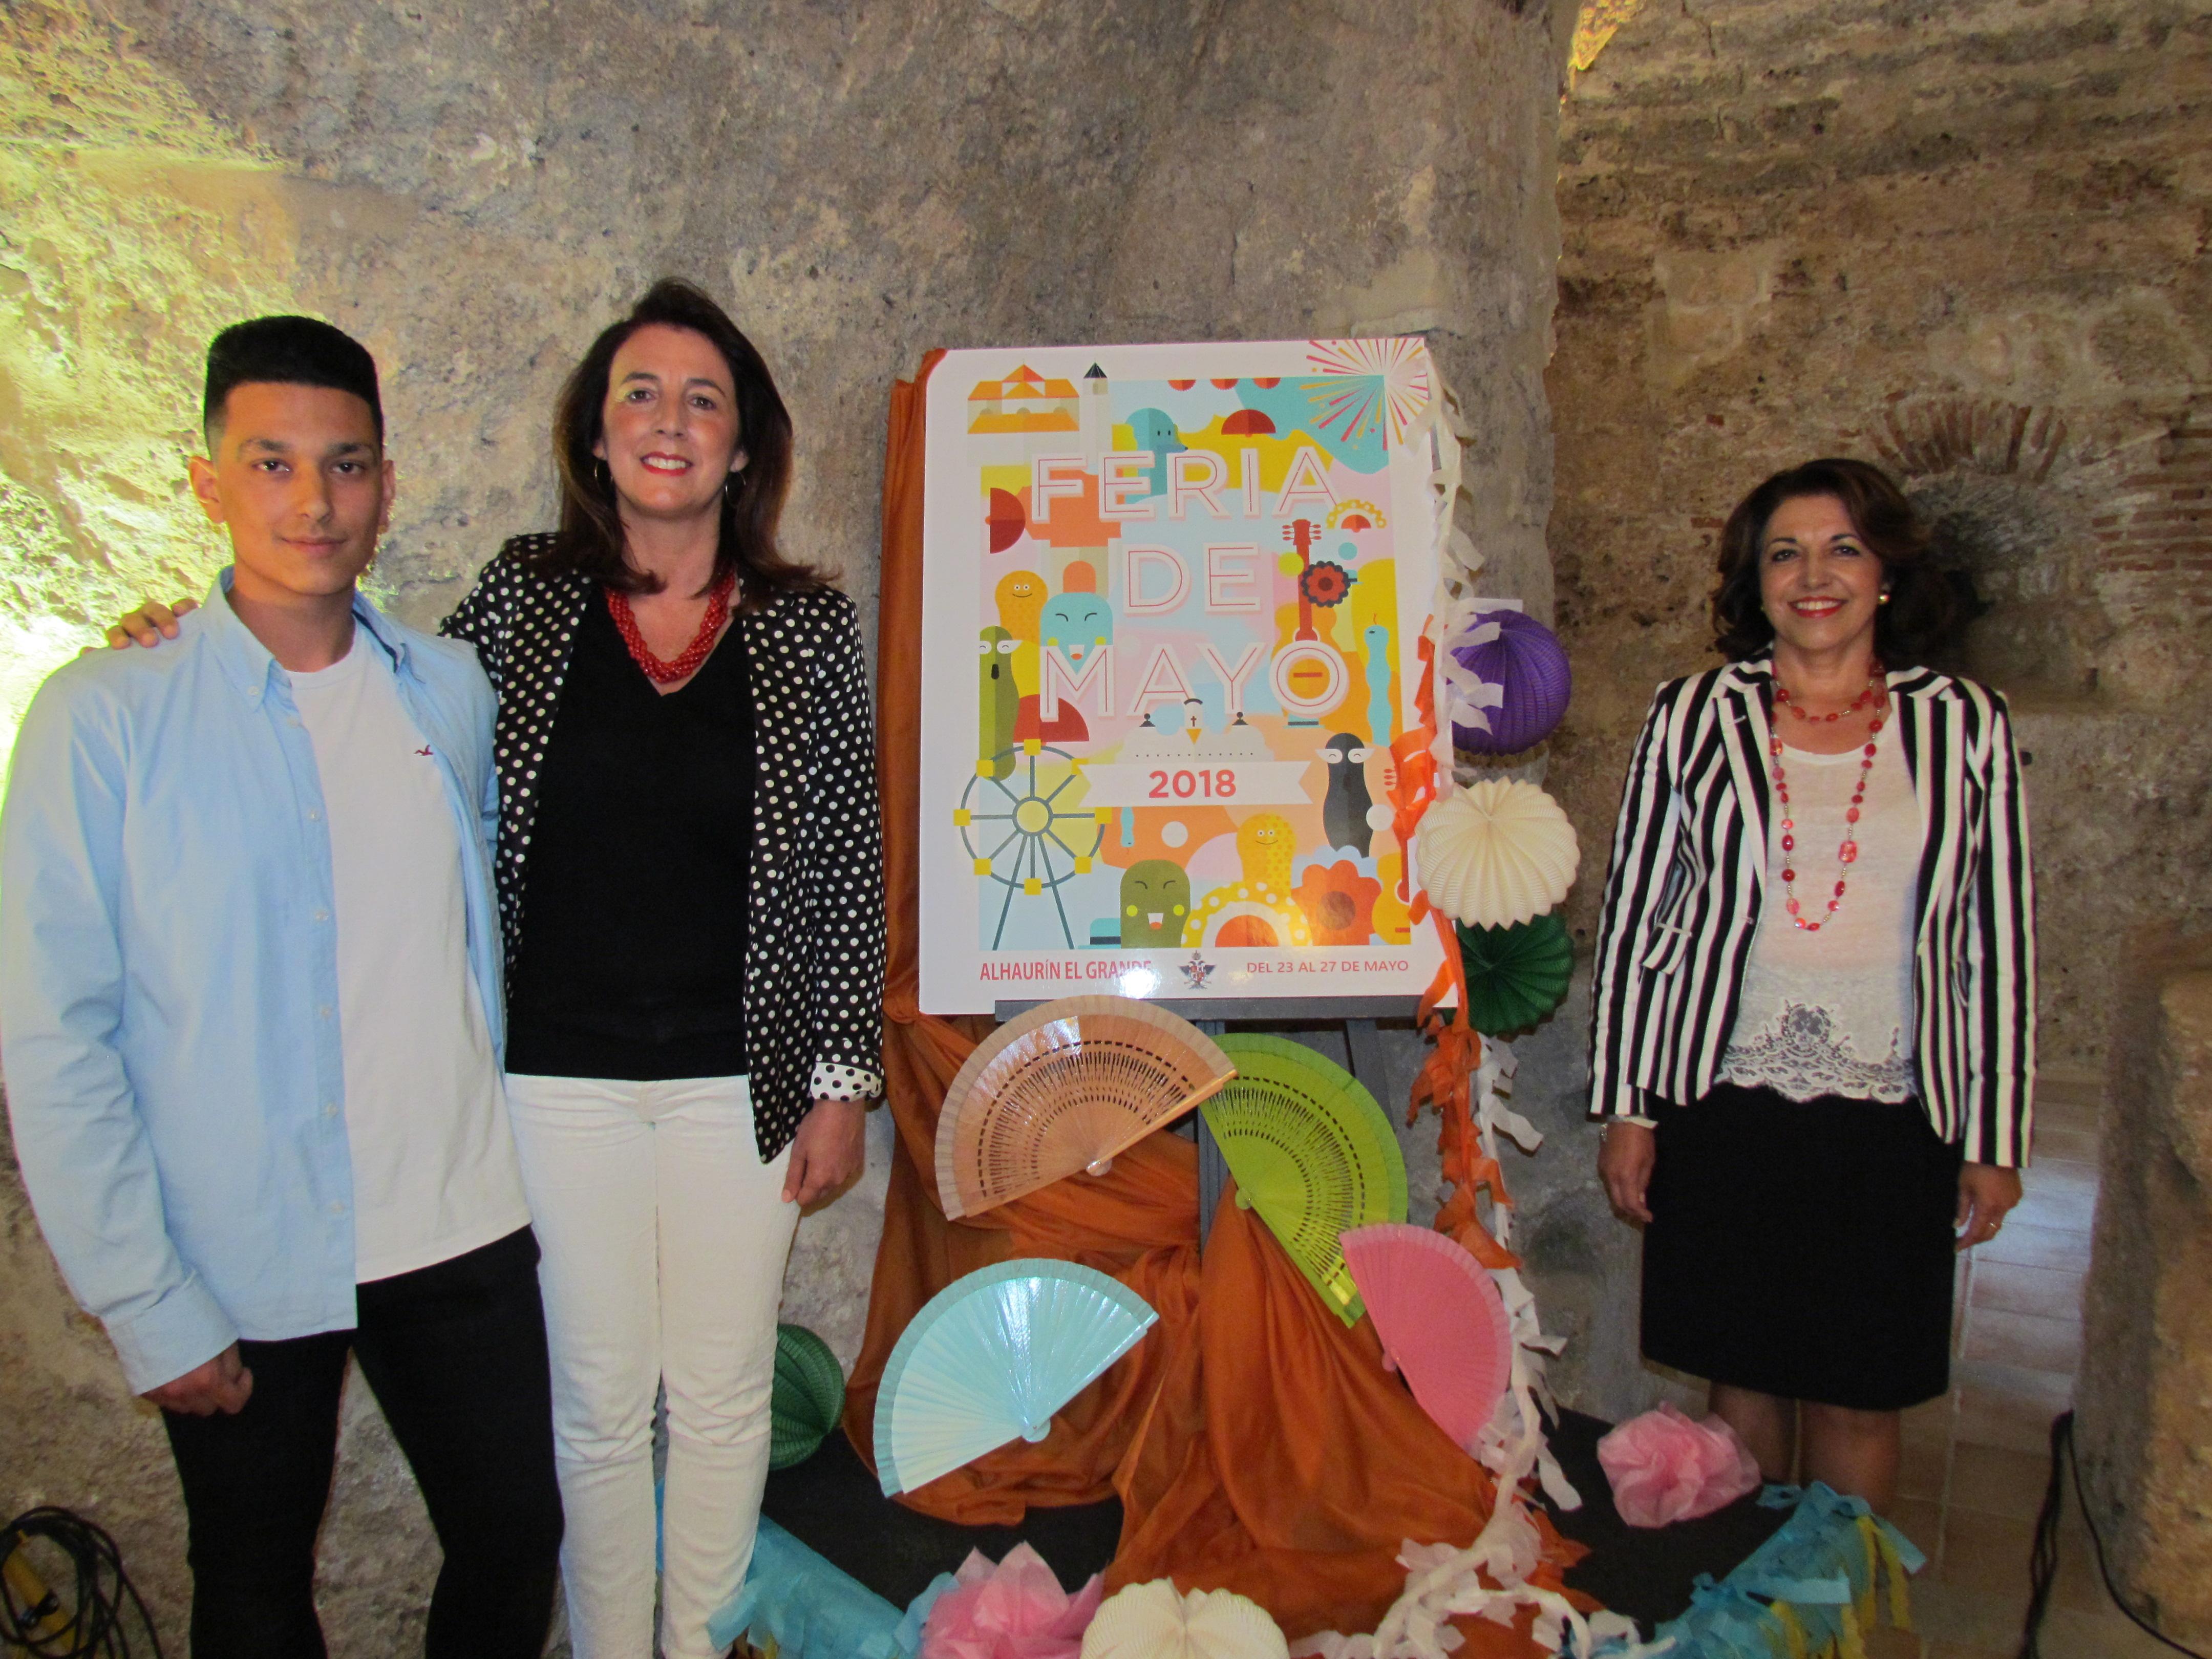 Alhaurín el Grande presenta su cartel y programa para la Feria de Mayo